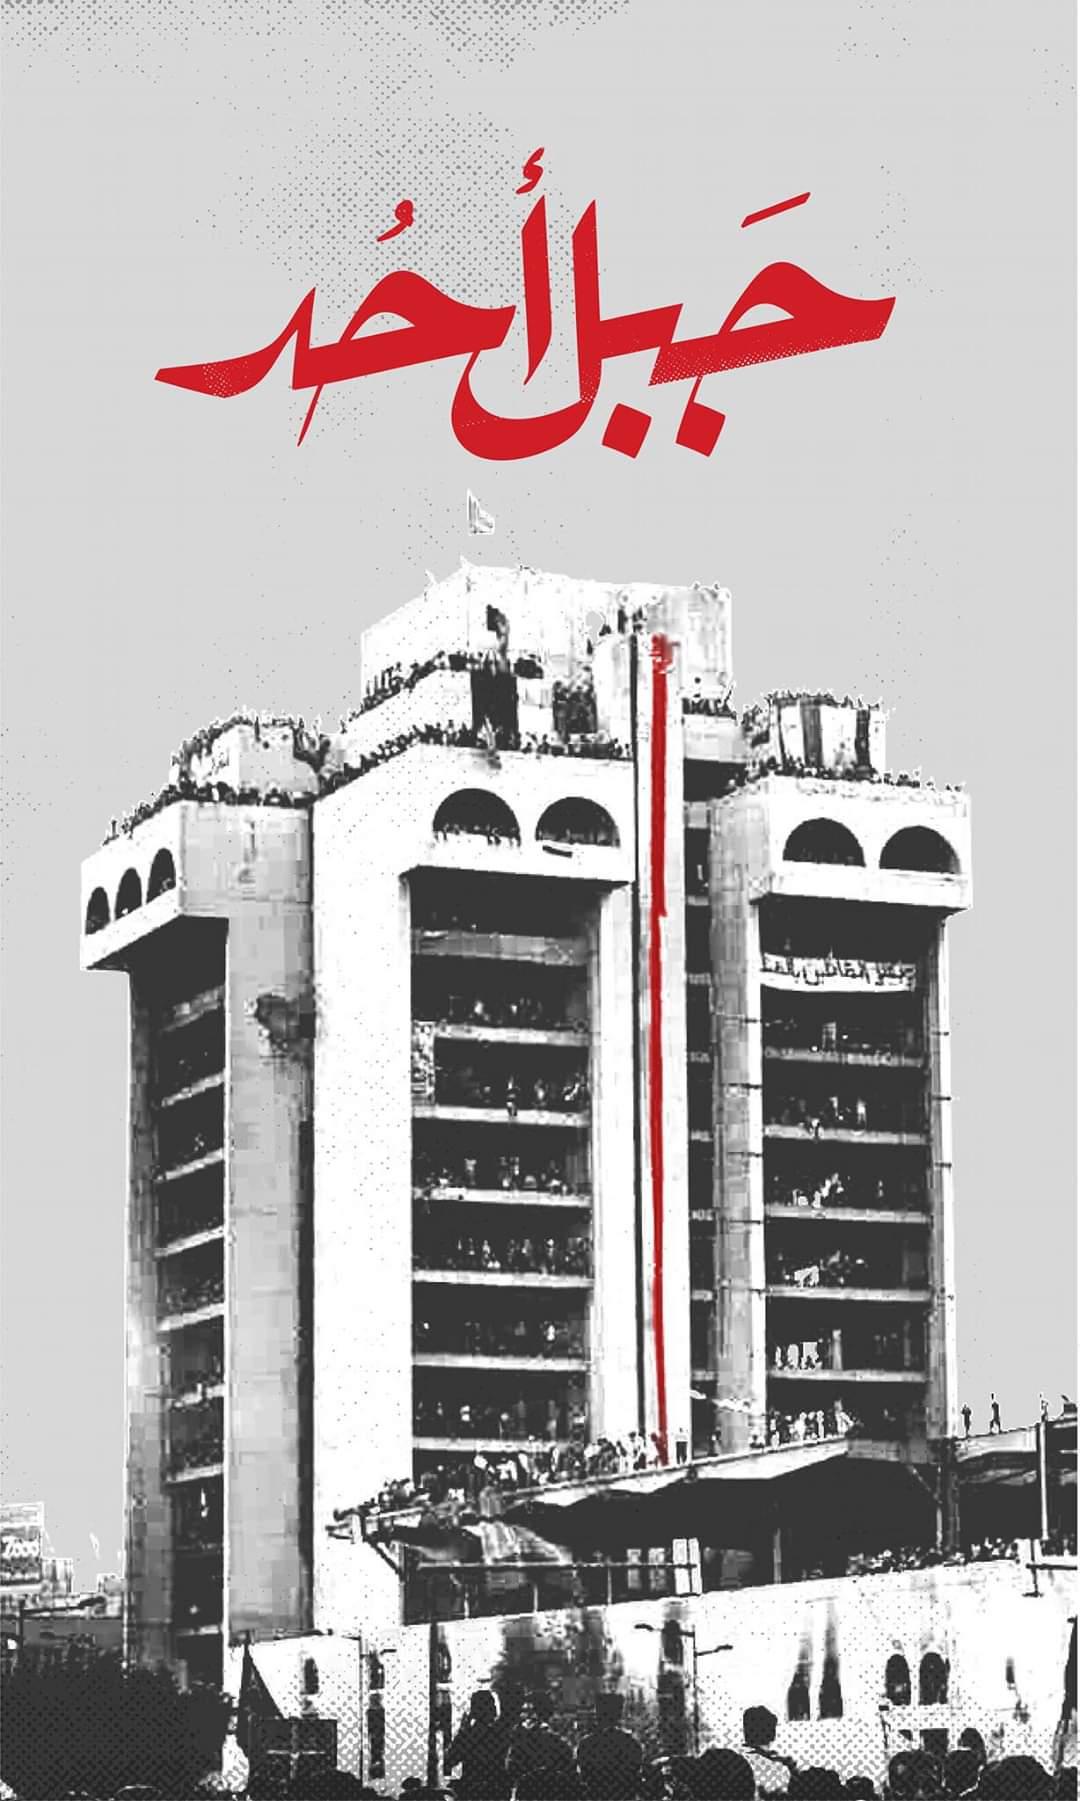 جبل أحد بغداد مبنى يتنافس المتظاهرون وقوات الأمن للسيطرة عليه